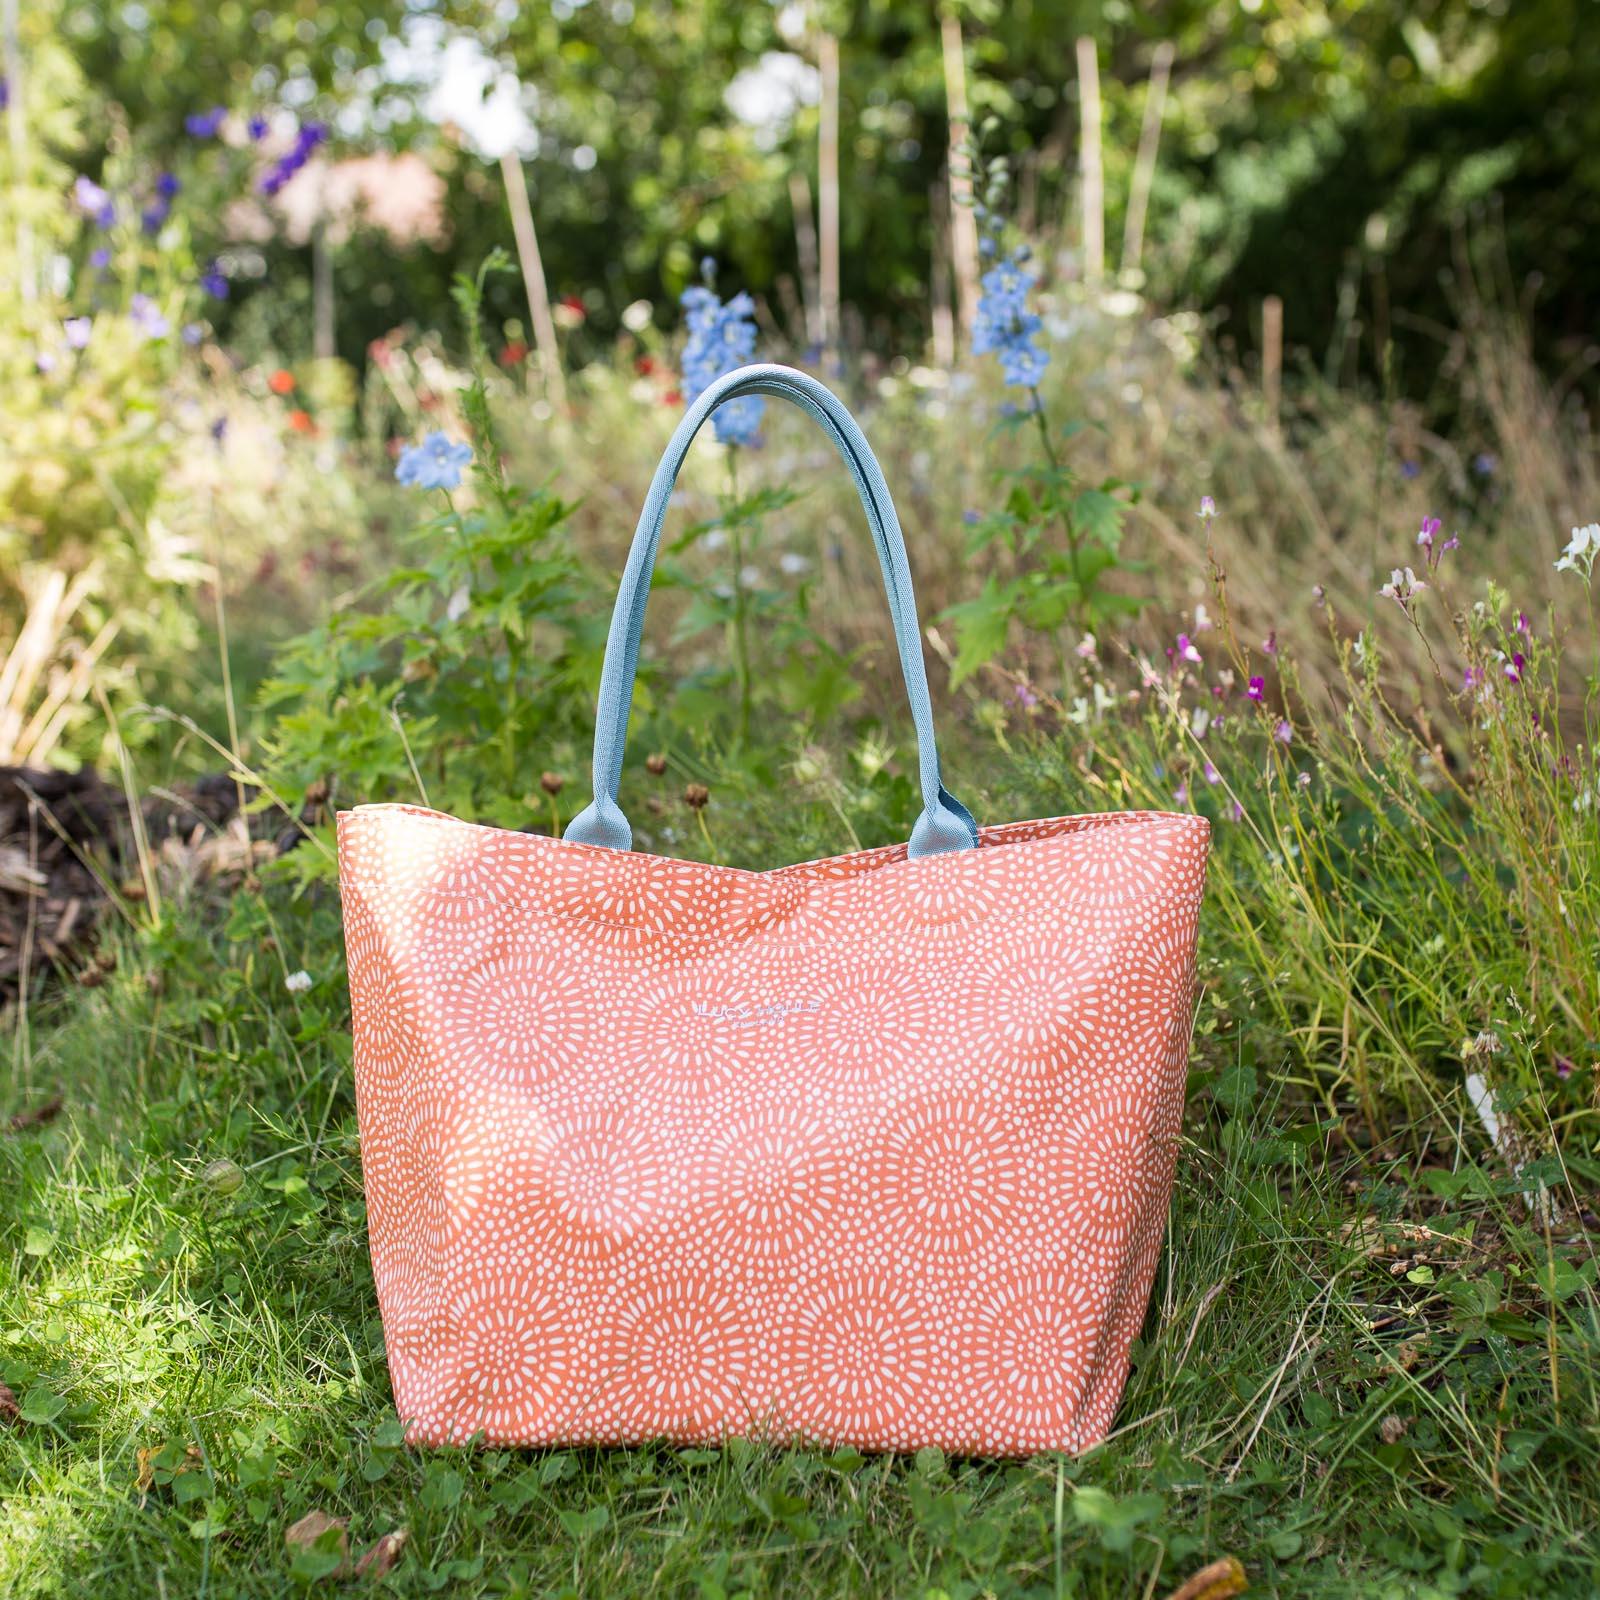 Amber Sunburst Medium Tote Bag with Aqua Handles